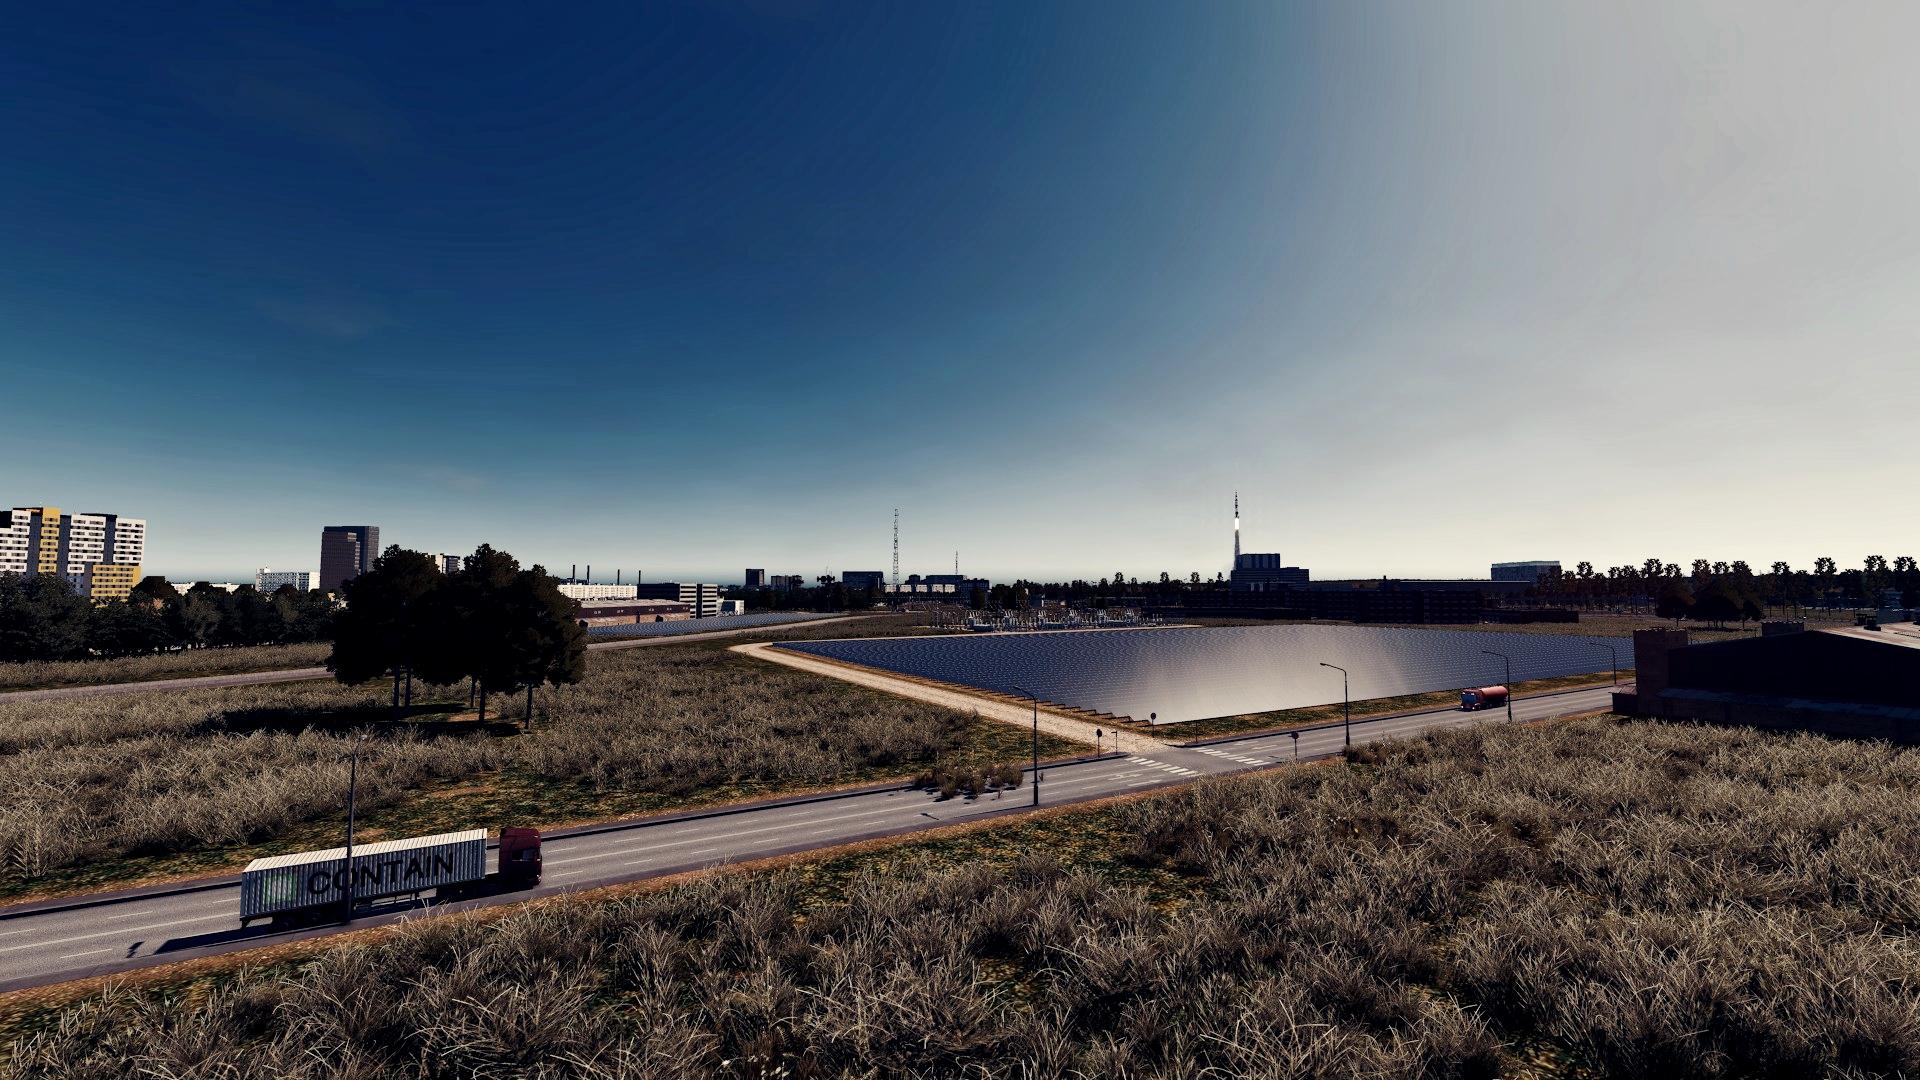 Djavolja Varos. (Maj complexe pétrolier p6, par industriel p5) à mettre à la corbeille sv - Page 3 180827111927771827